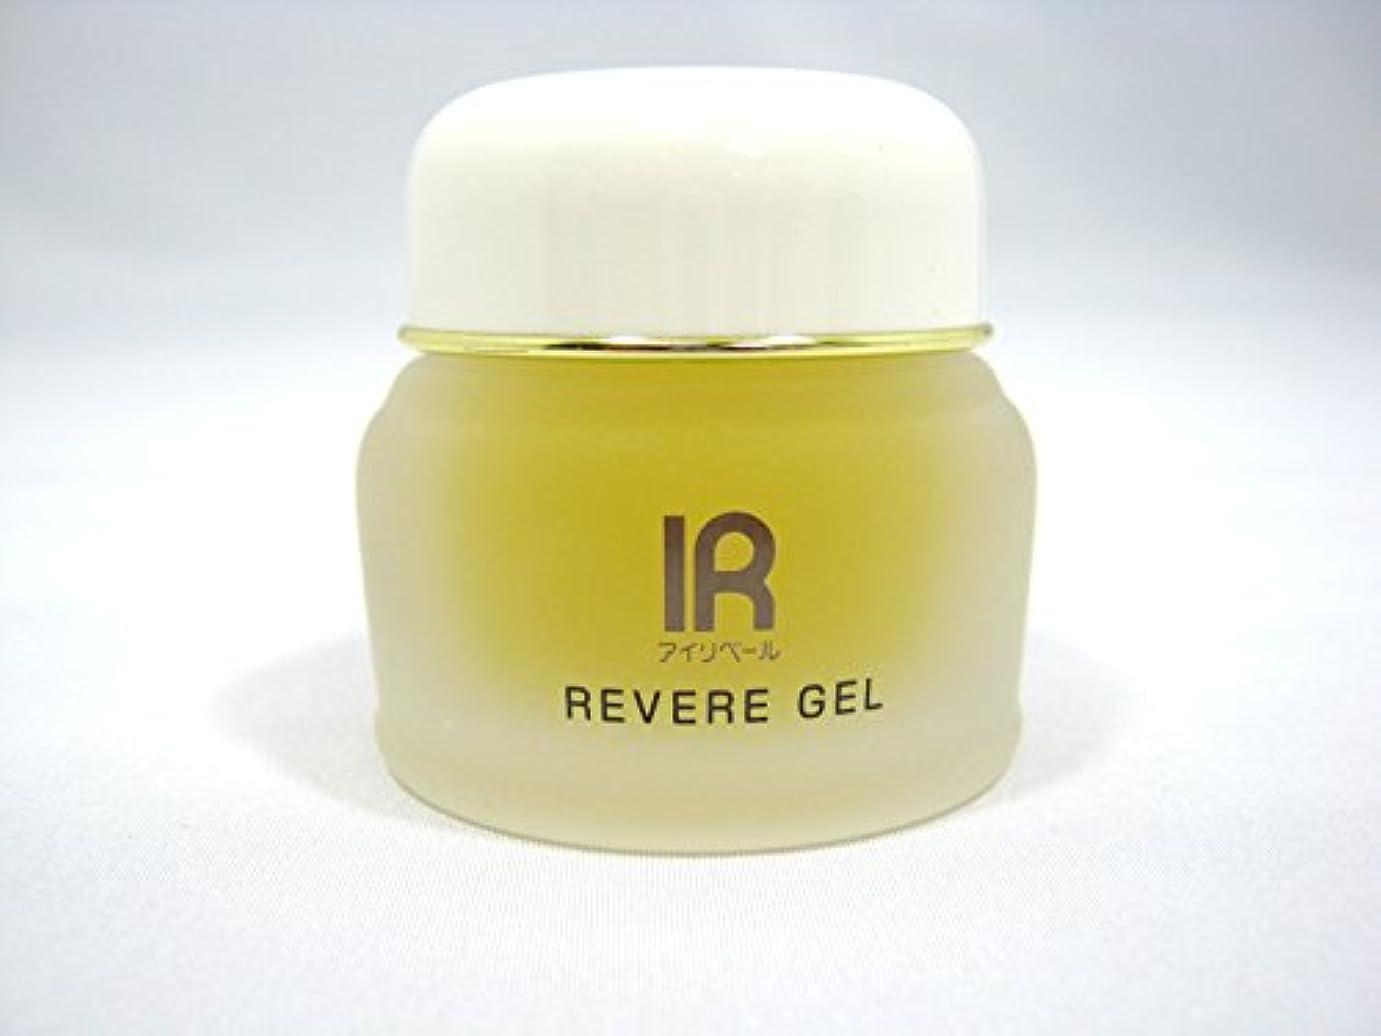 病的味わう想像するIR アイリベール化粧品 リベールジェル (シワ用クリーム) 30g